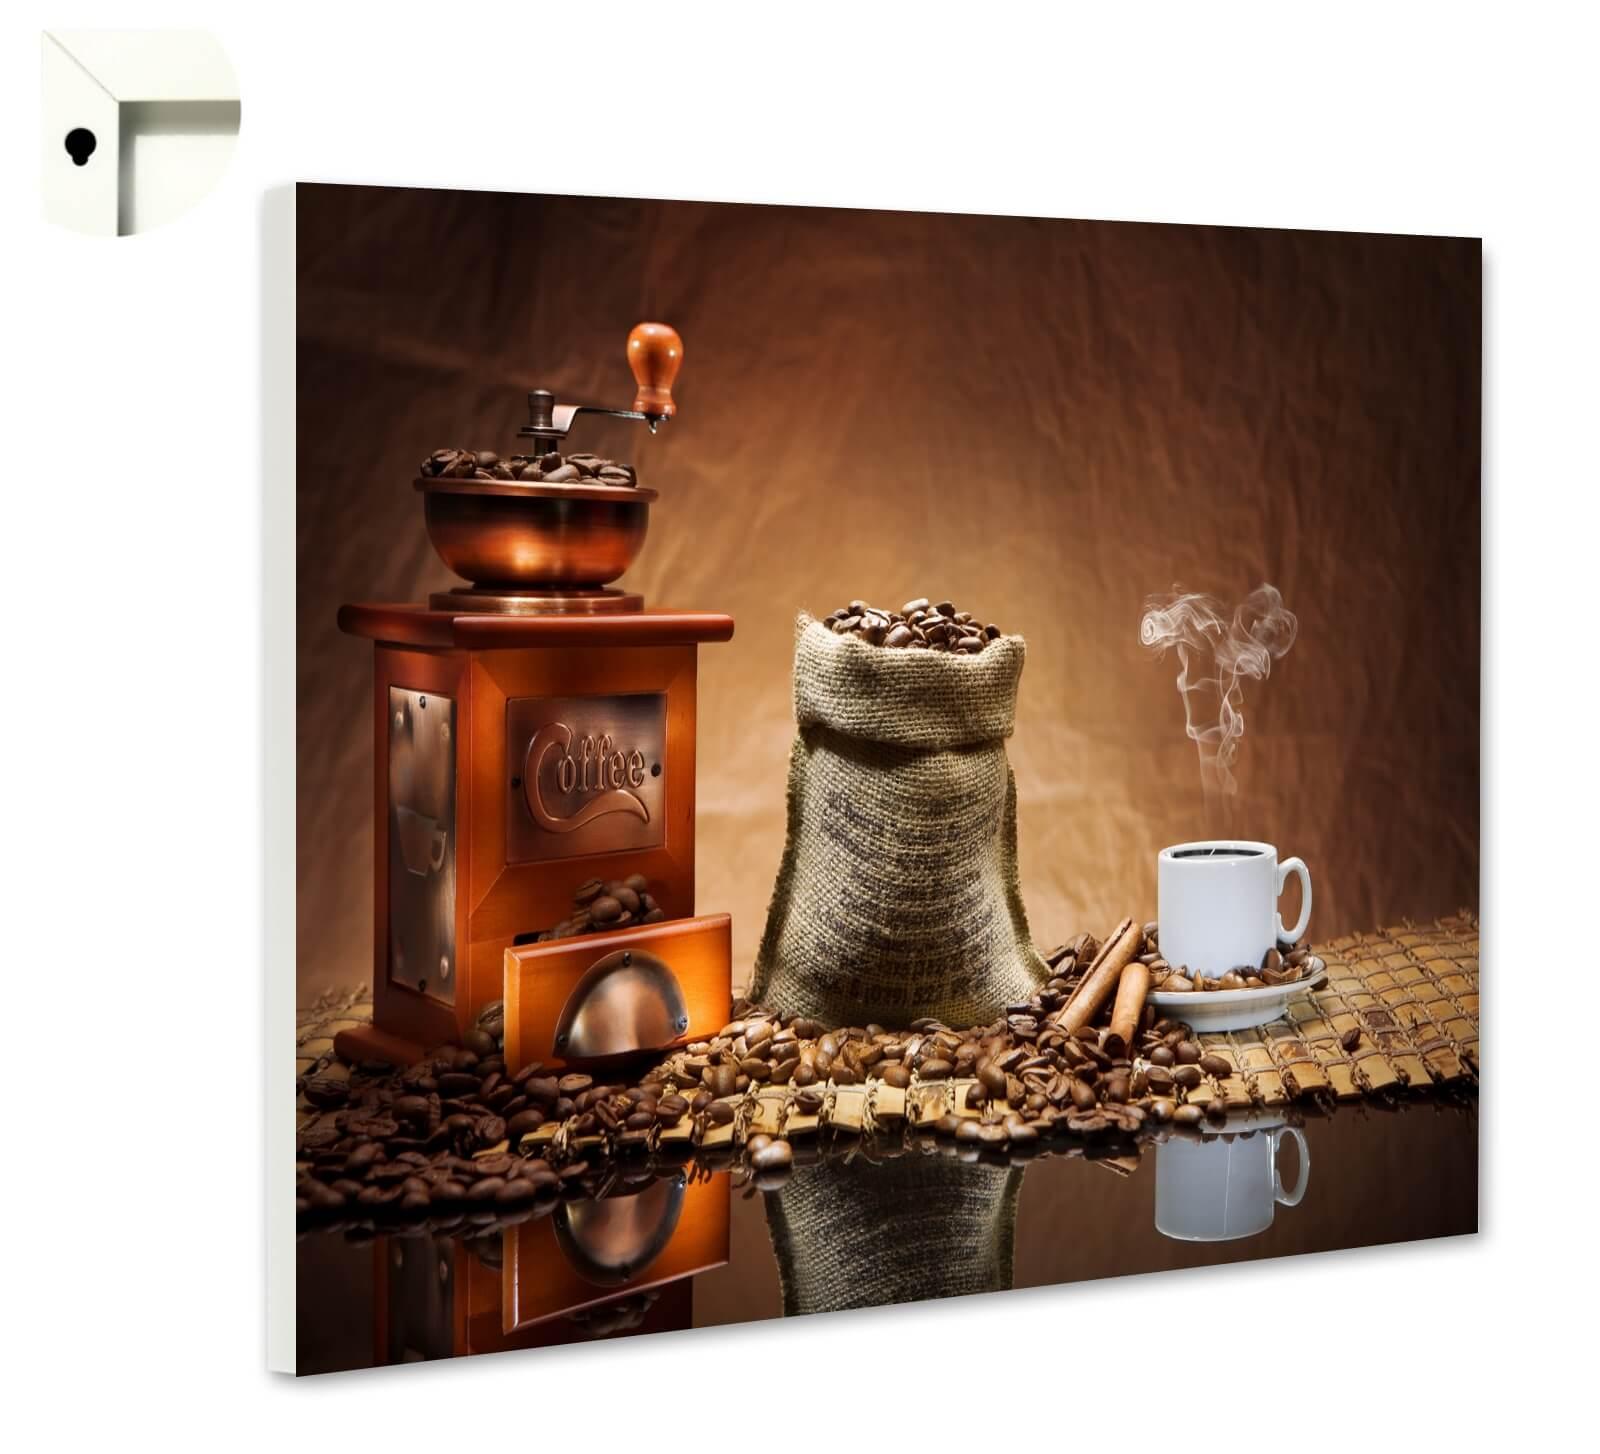 Full Size of Pinnwand Küche Magnettafel Kche Kaffee Mhle Bohnen Essen Trinken Werkbank Alno Kleine Einrichten Wanddeko Bartisch Arbeitsplatten Landhausstil L Form Blende Wohnzimmer Pinnwand Küche